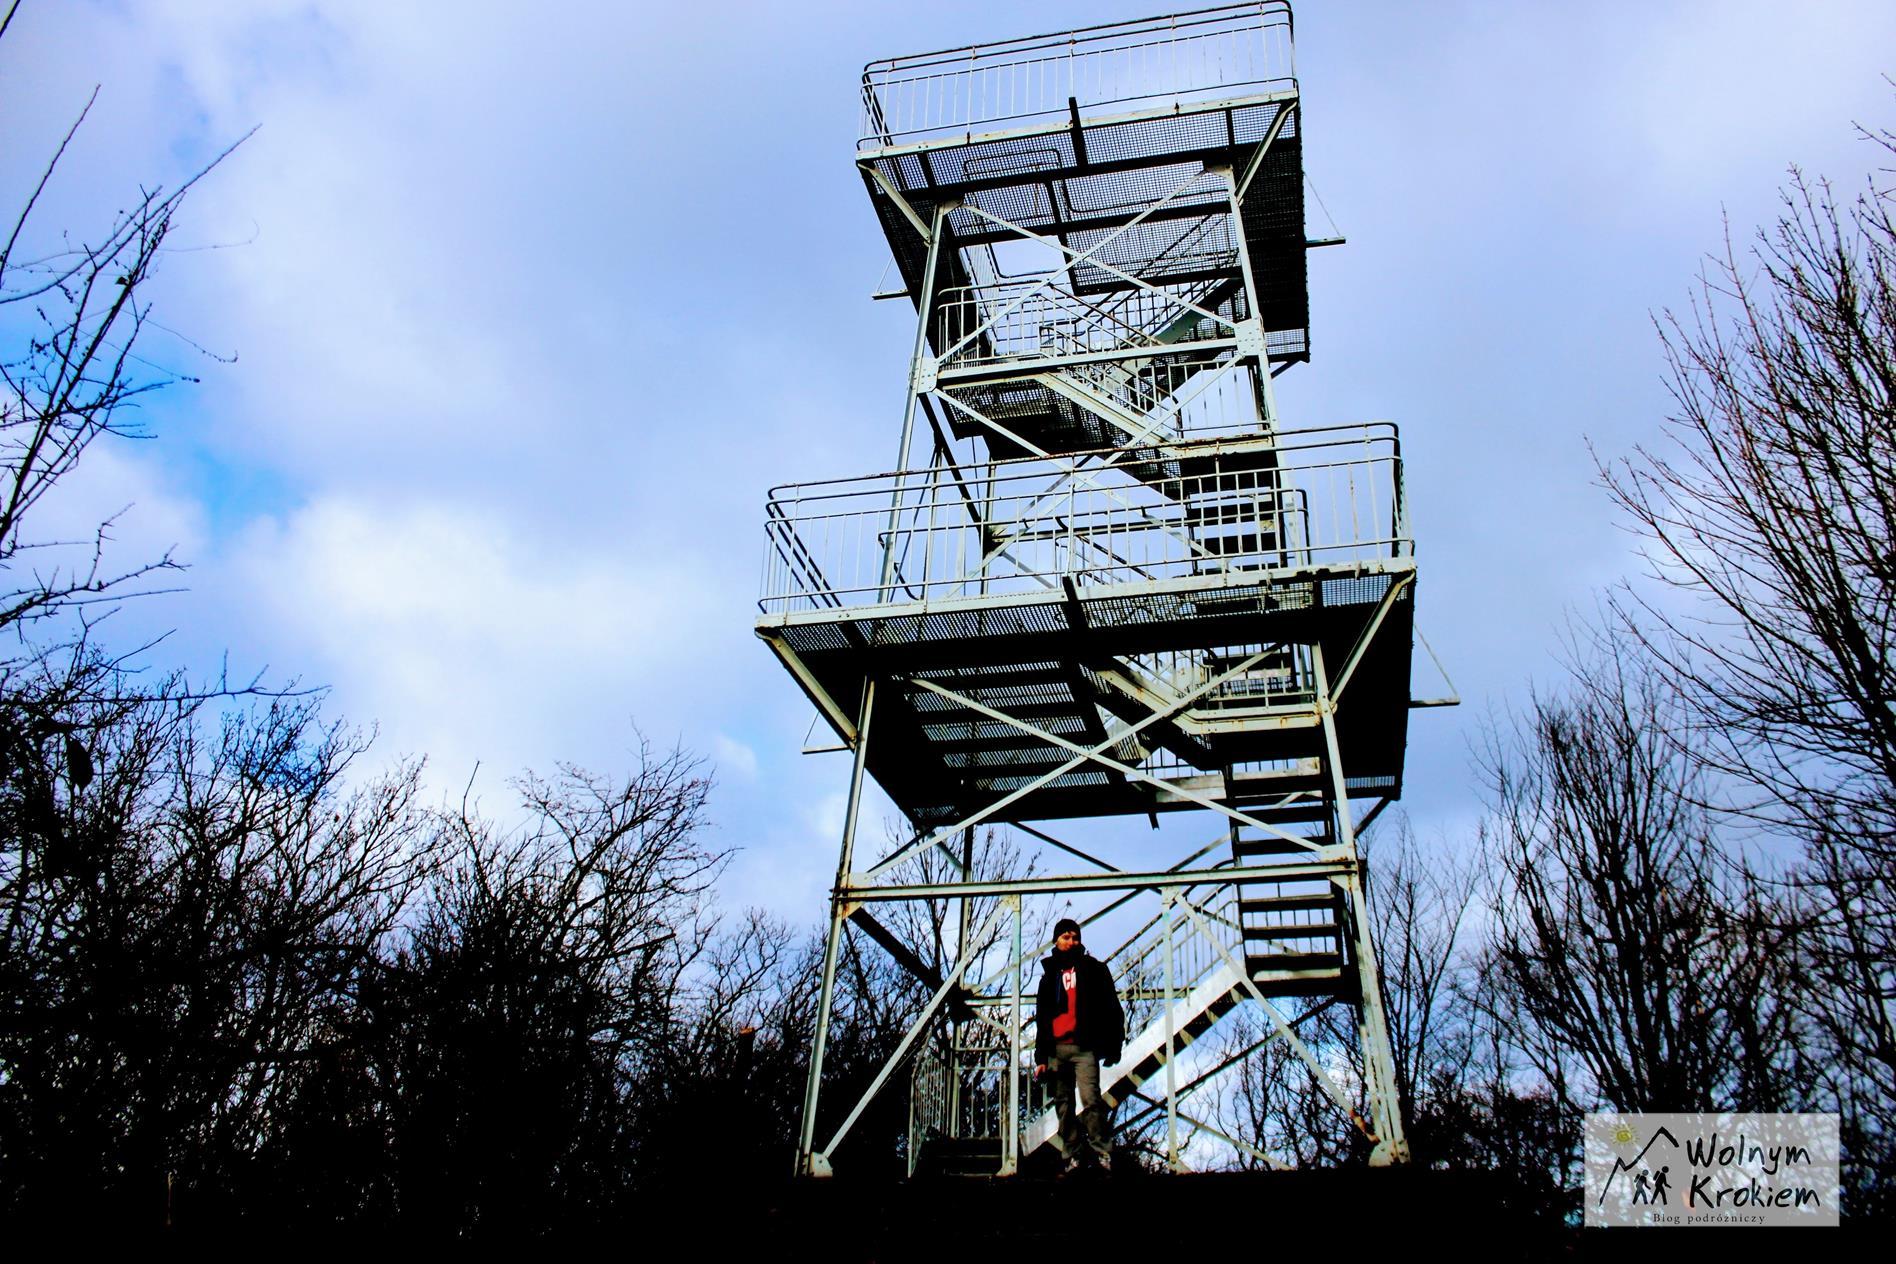 Wieża widokowa na szczycie Góry Parkowej w Bielawie na Dolnym Śląsku